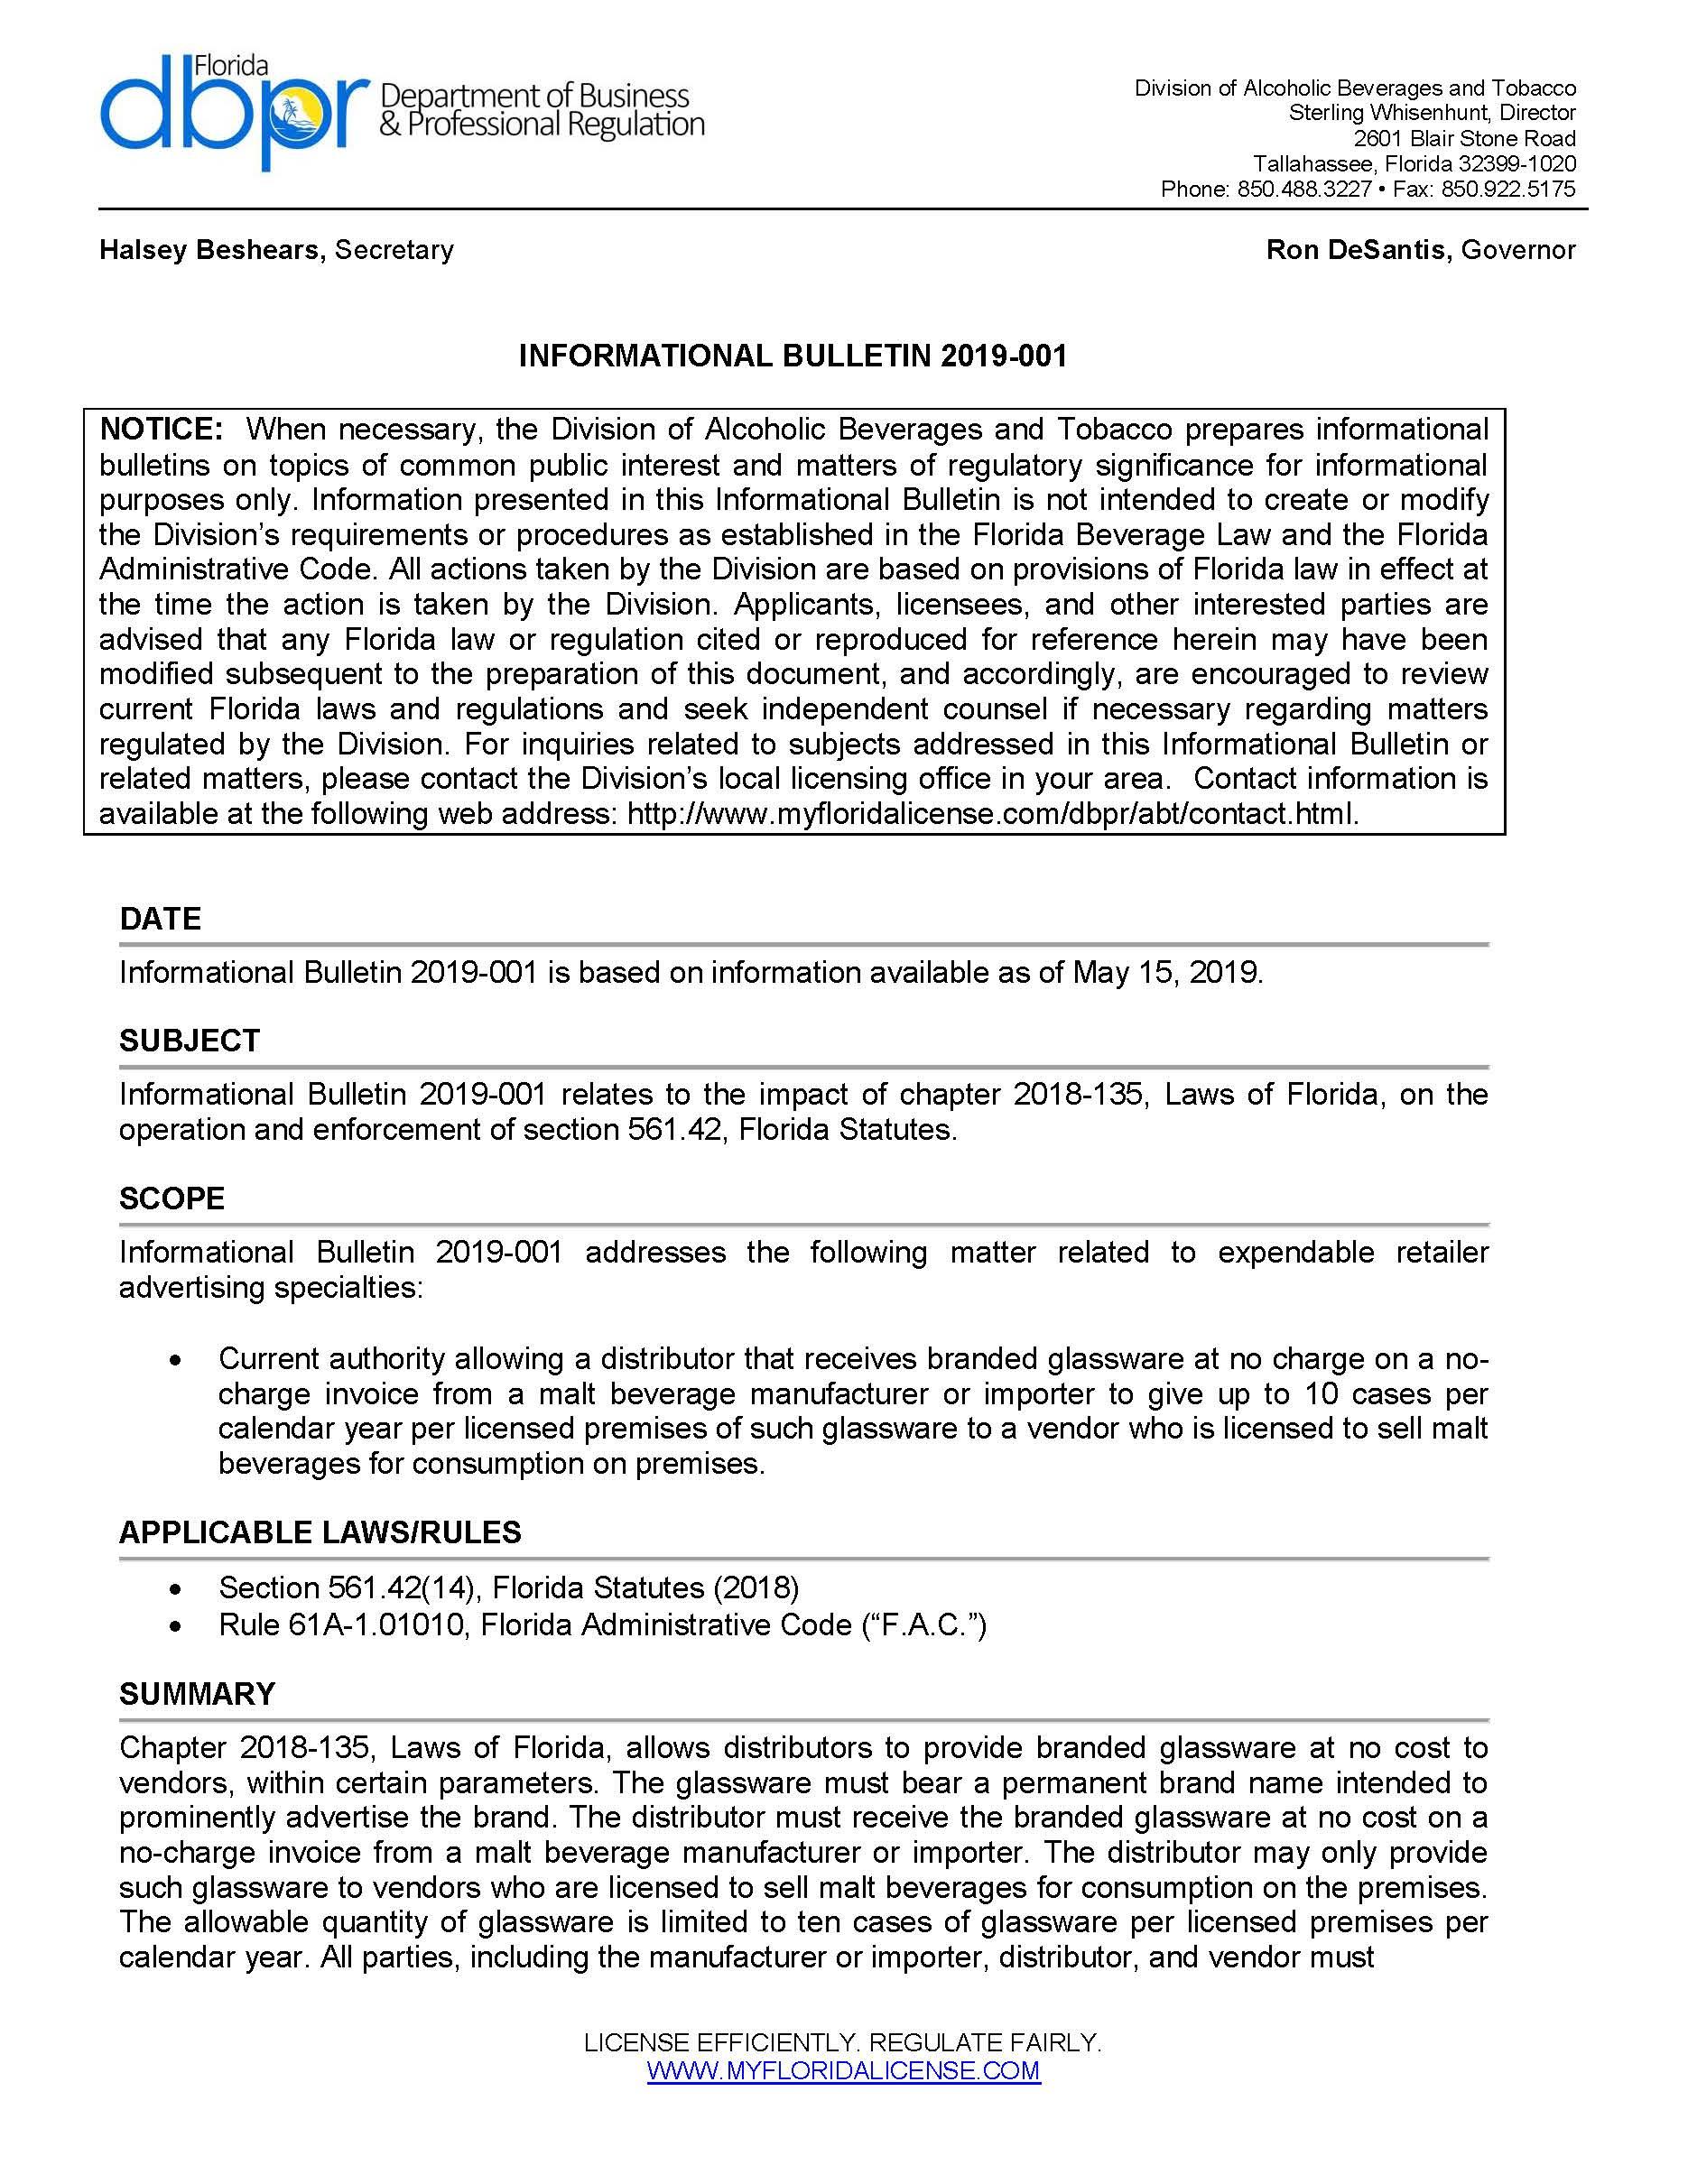 2019-001_Glassware_Info_Bulletin_Page_1.jpg